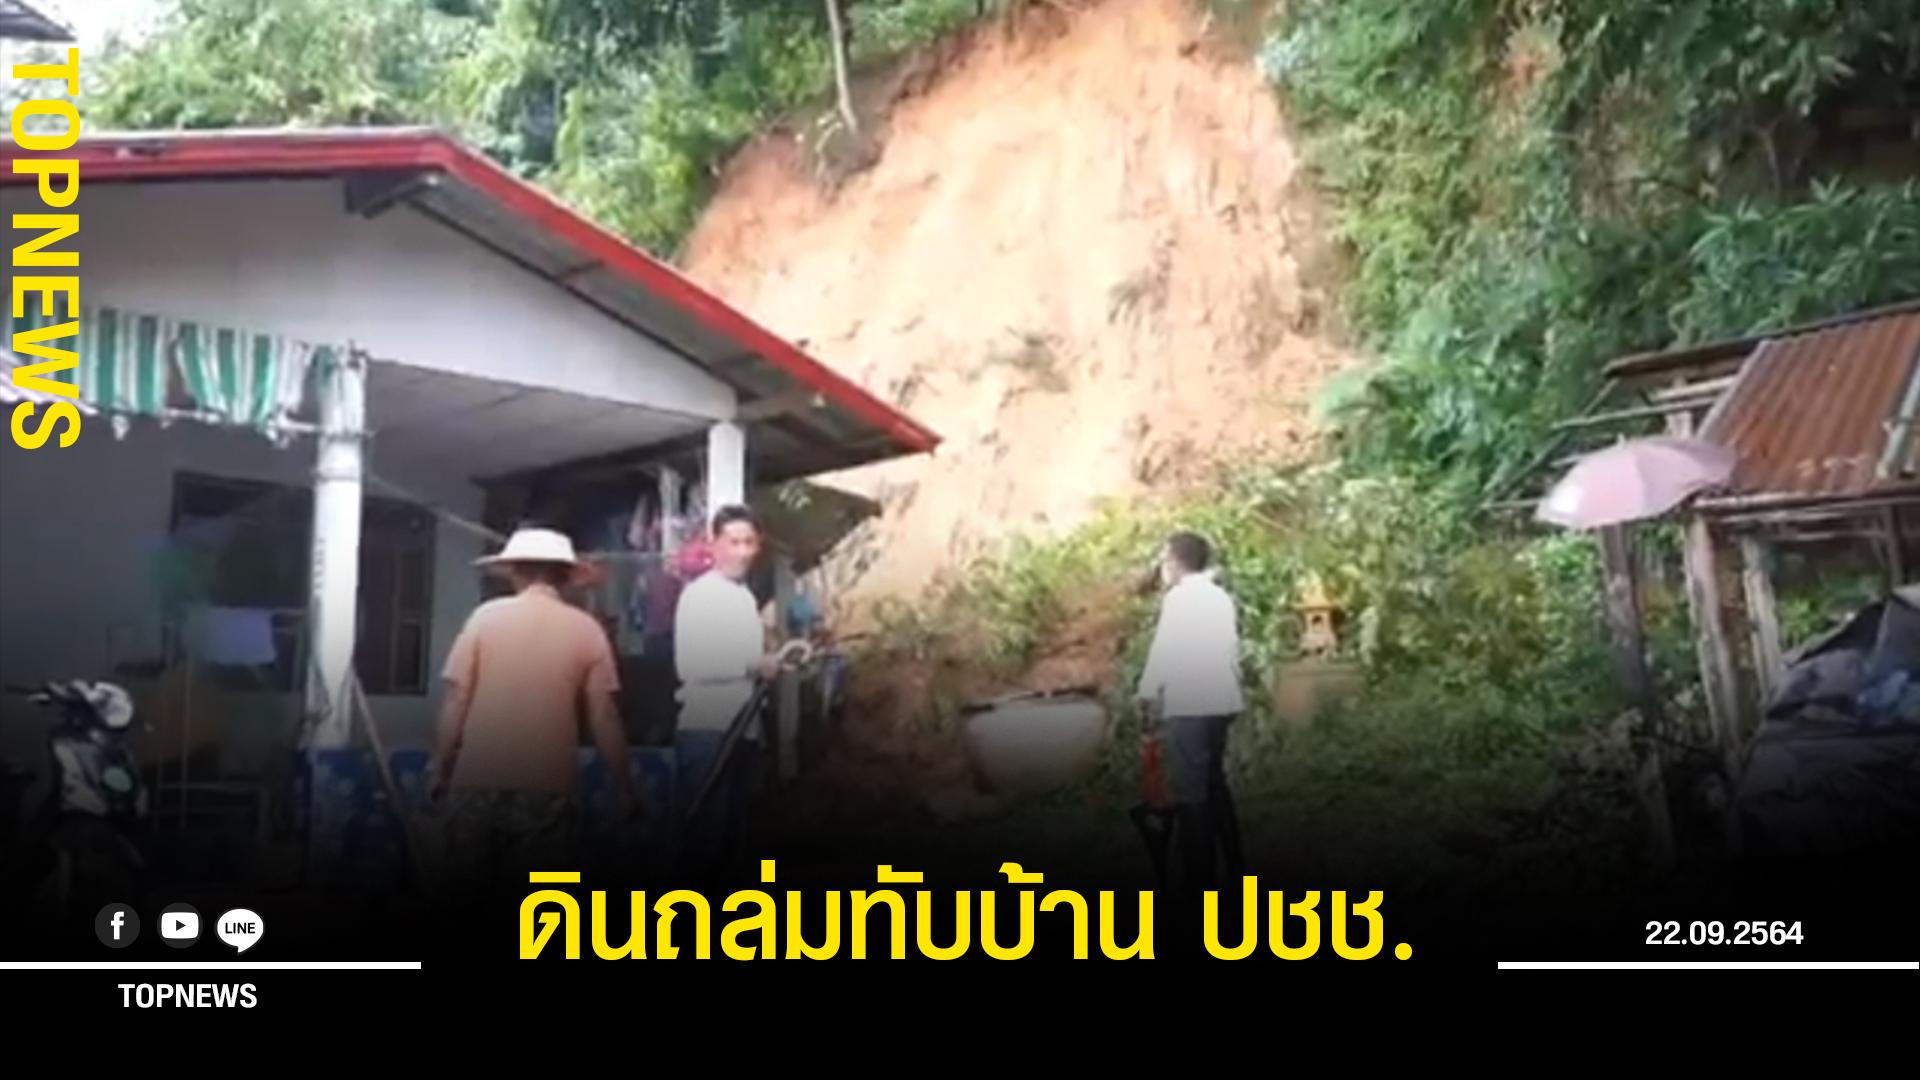 นาทีระทึก! ดินถล่มทับบ้าน ปชช. หลังฝนถล่มลงมาอย่างหนัก